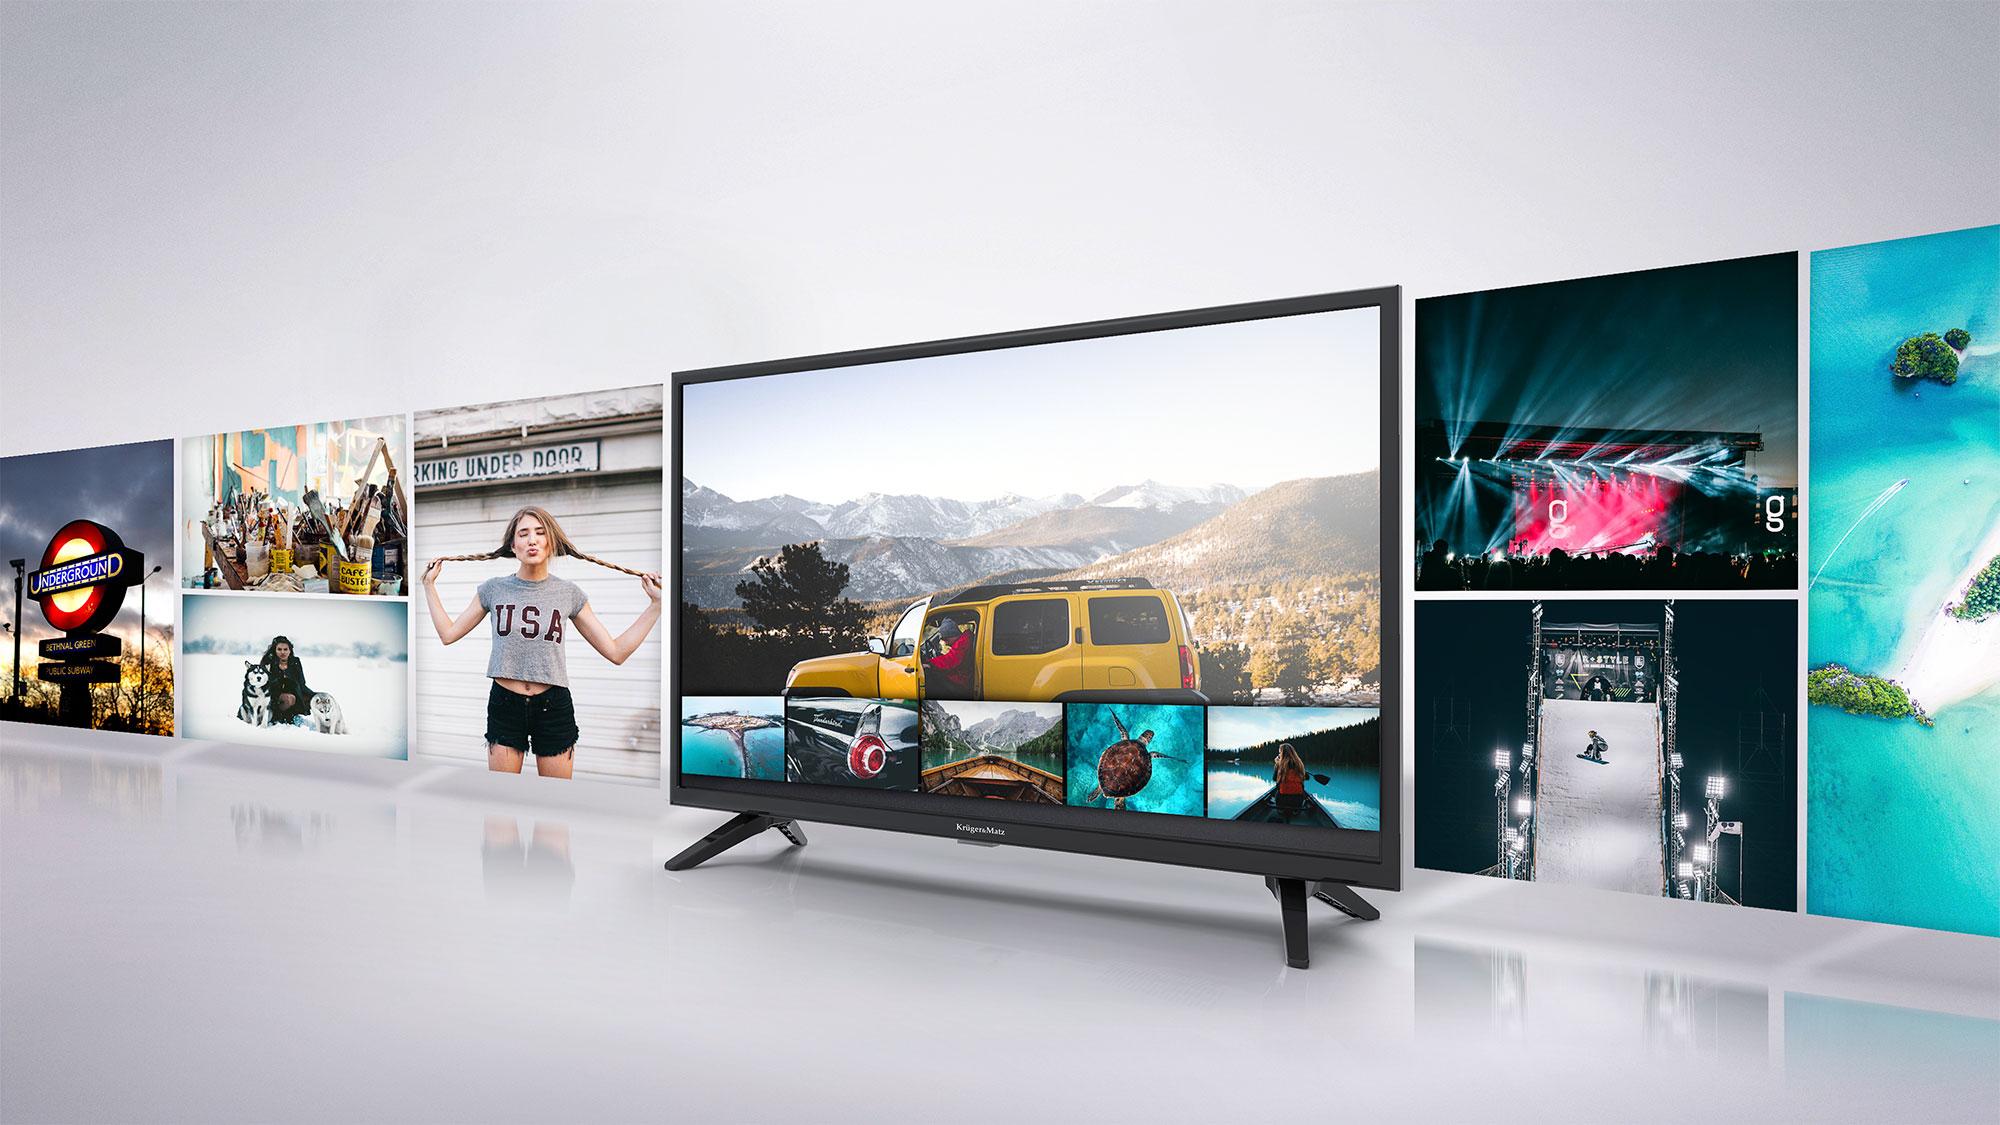 In plus, televizorul tau Kruger&Matz TV este dotat cu port USB care permite redarea filmelor preferate de pe diverse suporturi media USB, oferind confort si versatilitate.